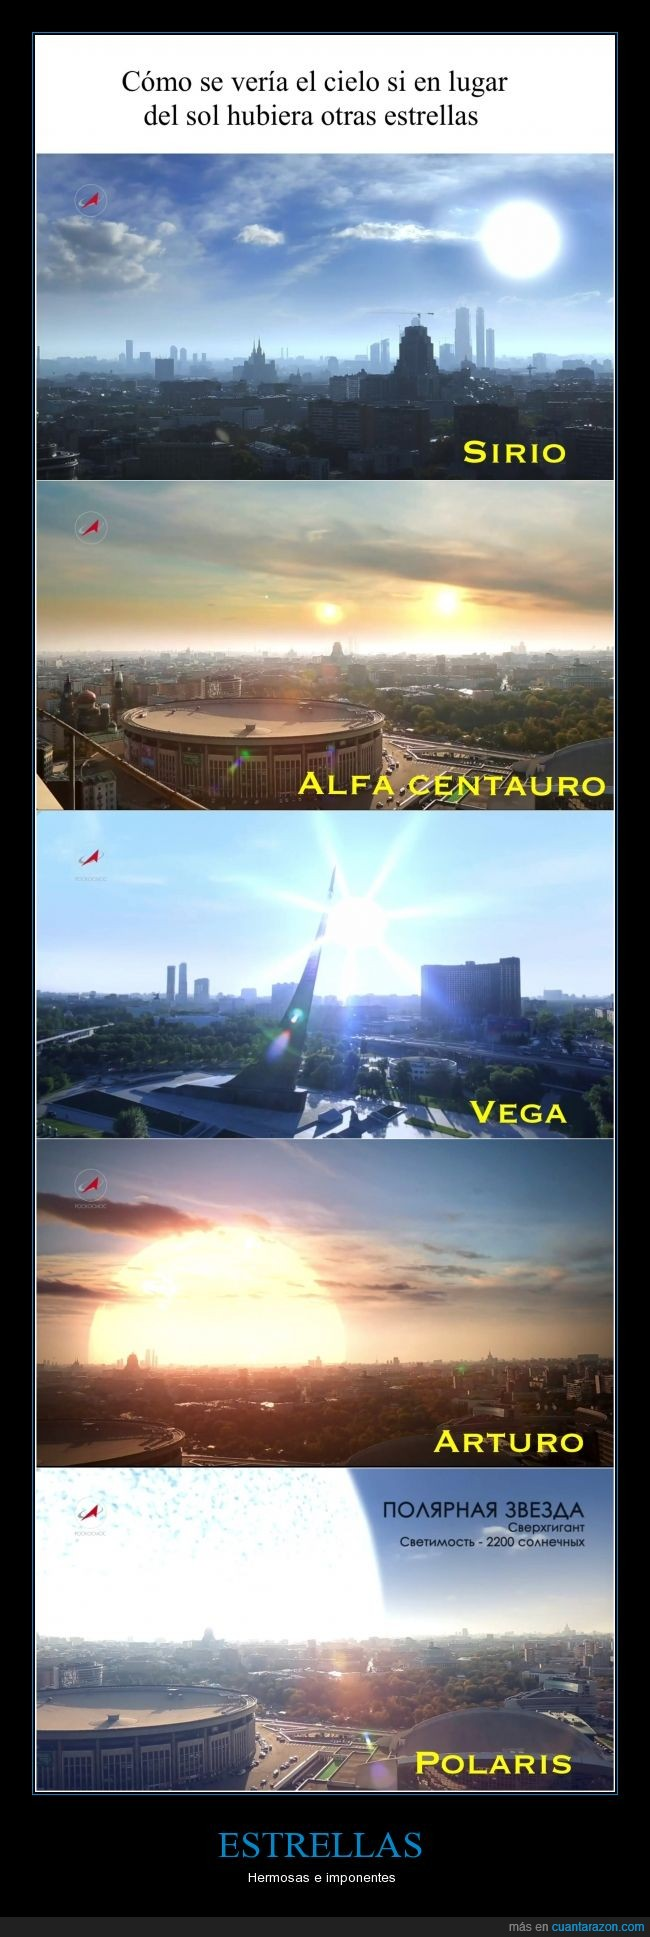 alfa centauri,alfa centauro,arturo,cielo,ciudad,diferente,estrellas,polaris,roscosmos,simulación,sirio,universo,vega